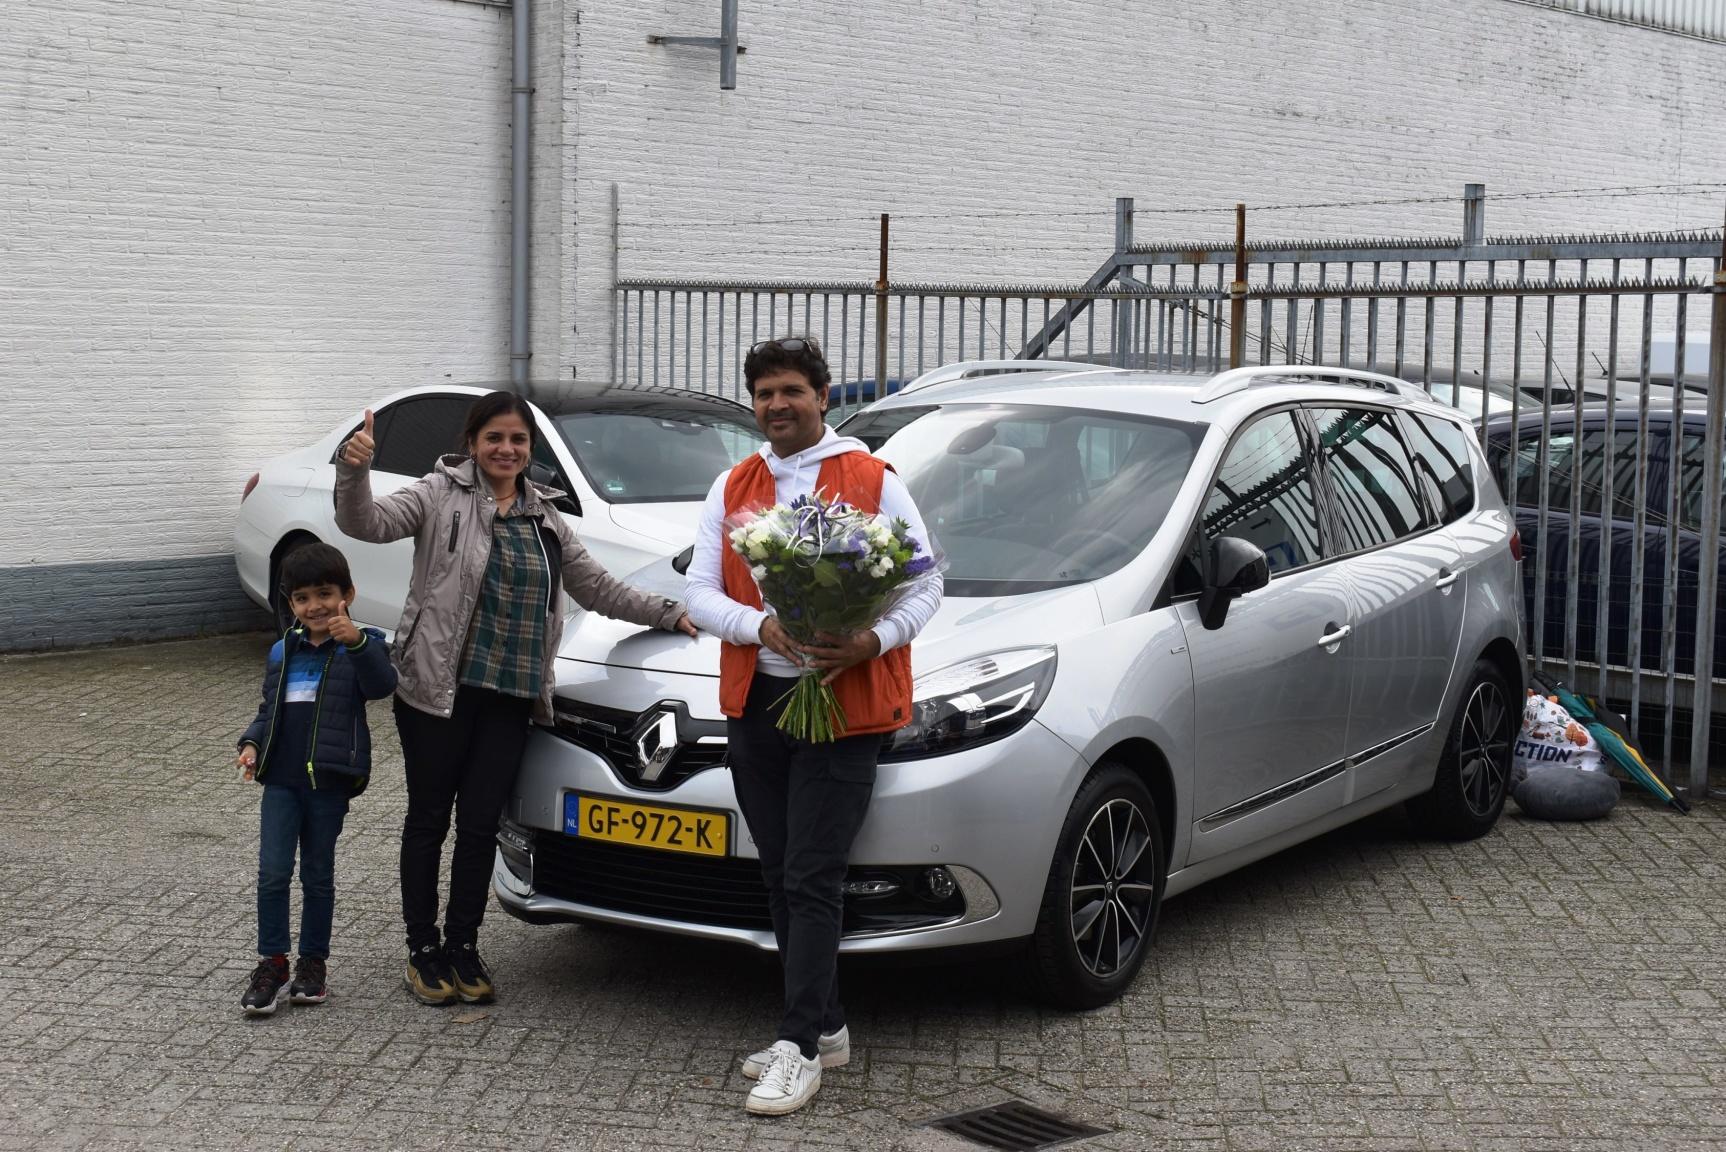 Aflevering Renault Grand Scénic-2021-09-17 17:13:26